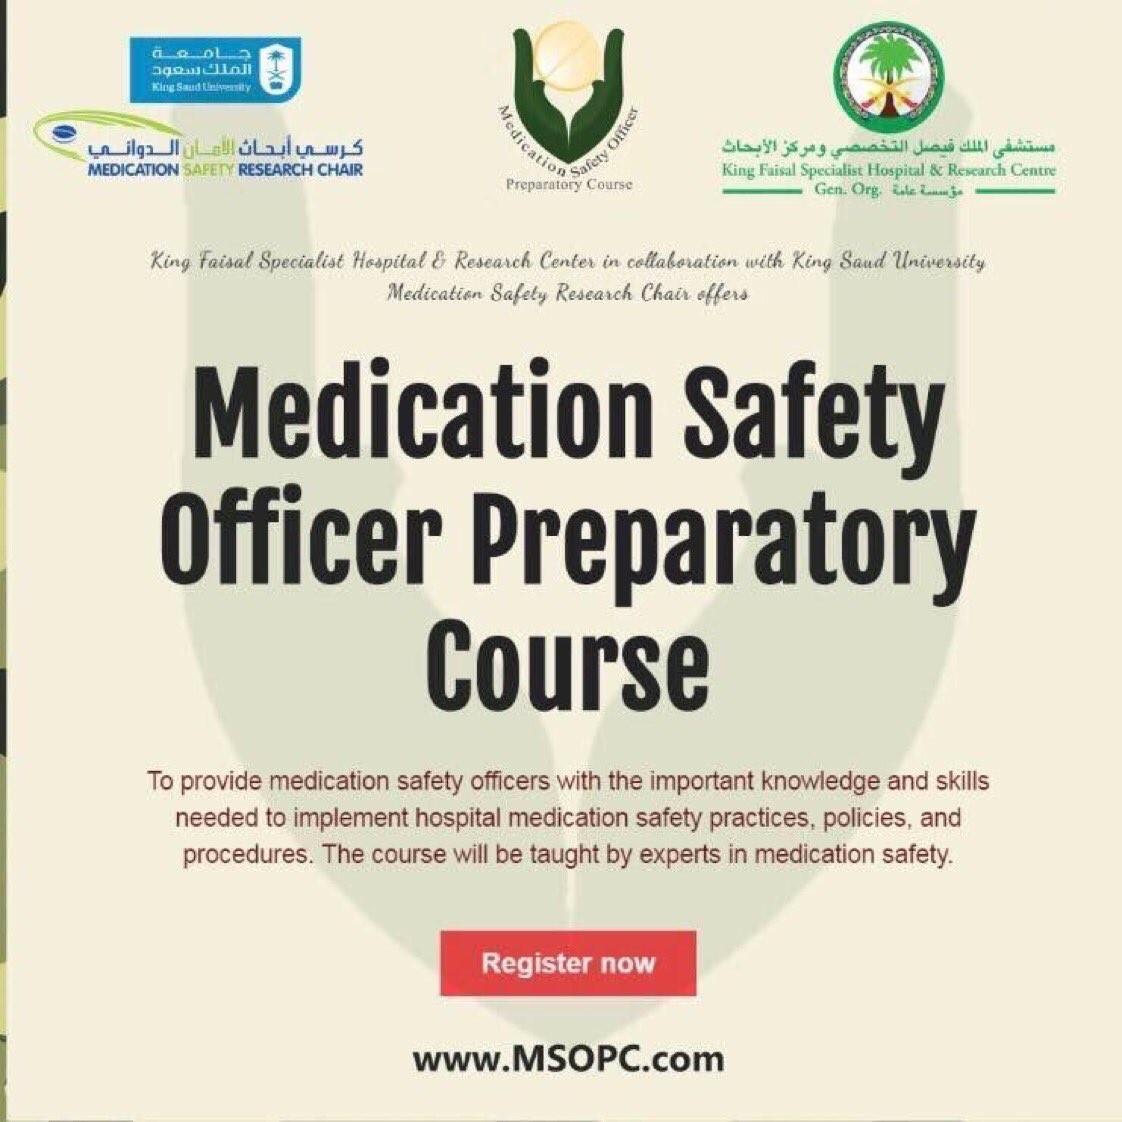 دورة ضباط الأمان الدوائي (Medication Safety Officer Preparatory Course)